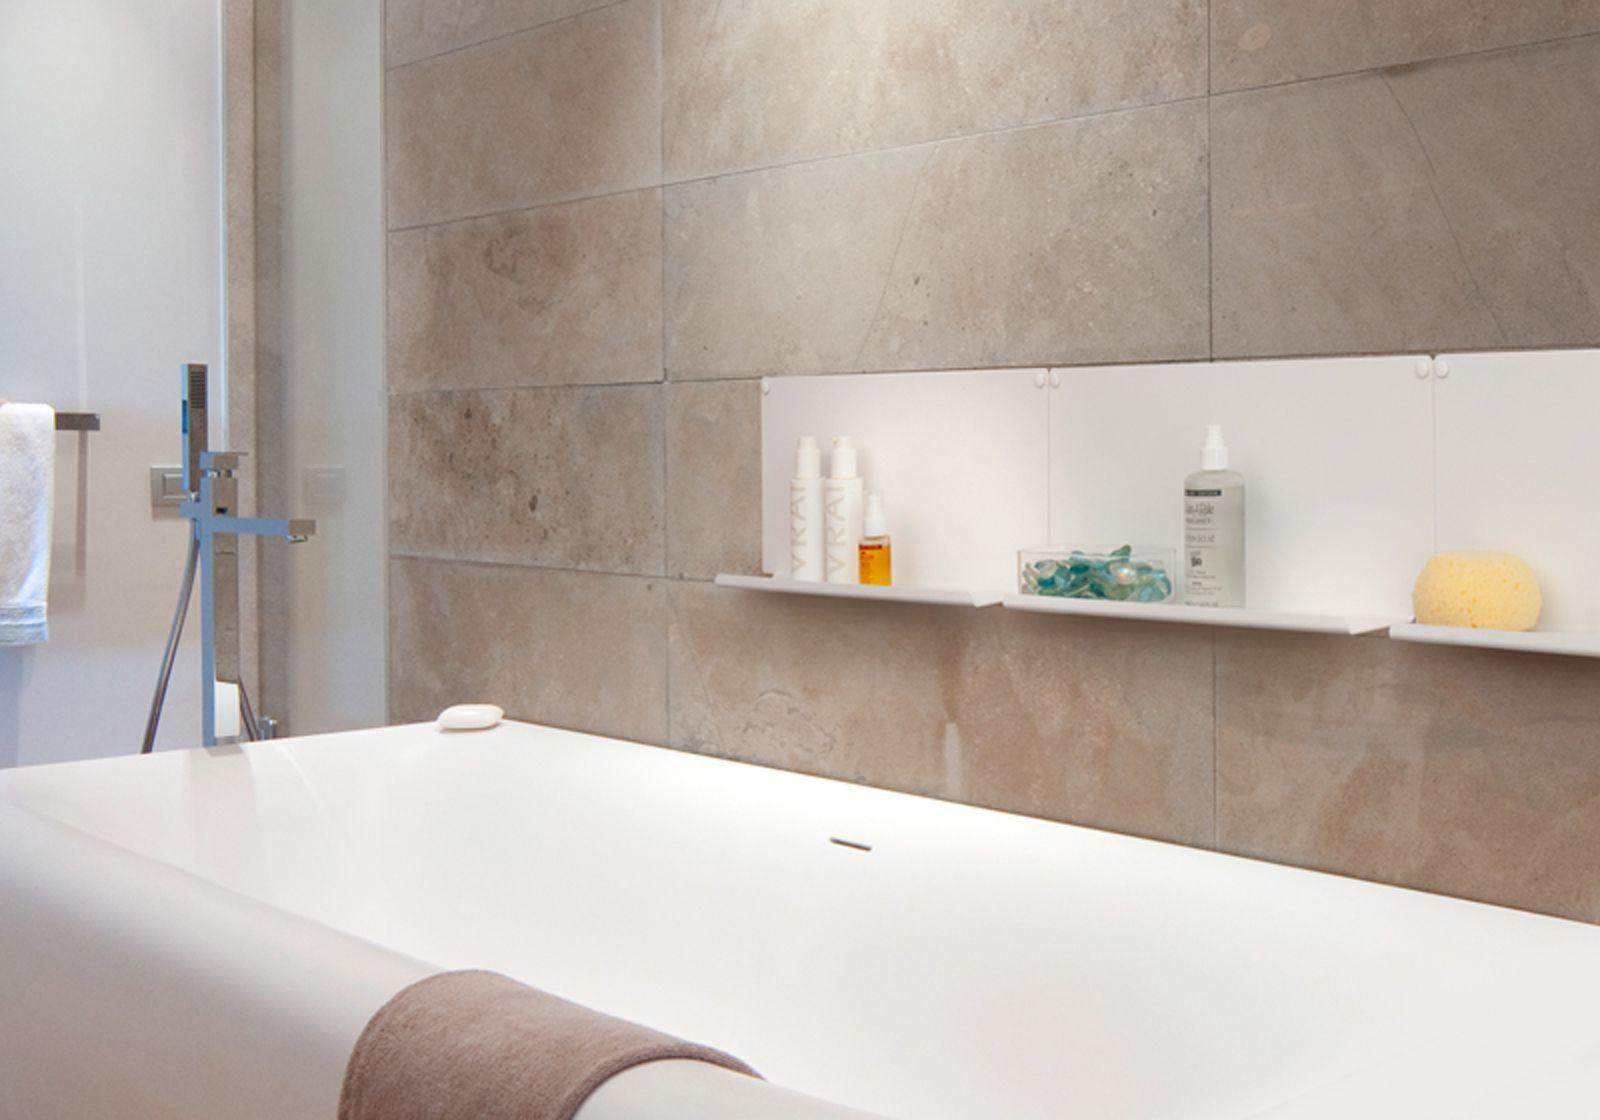 Tag re pour salle de bain le lot de 2 45 x10 cm acier blanc - Etagere salle de bain blanc ...